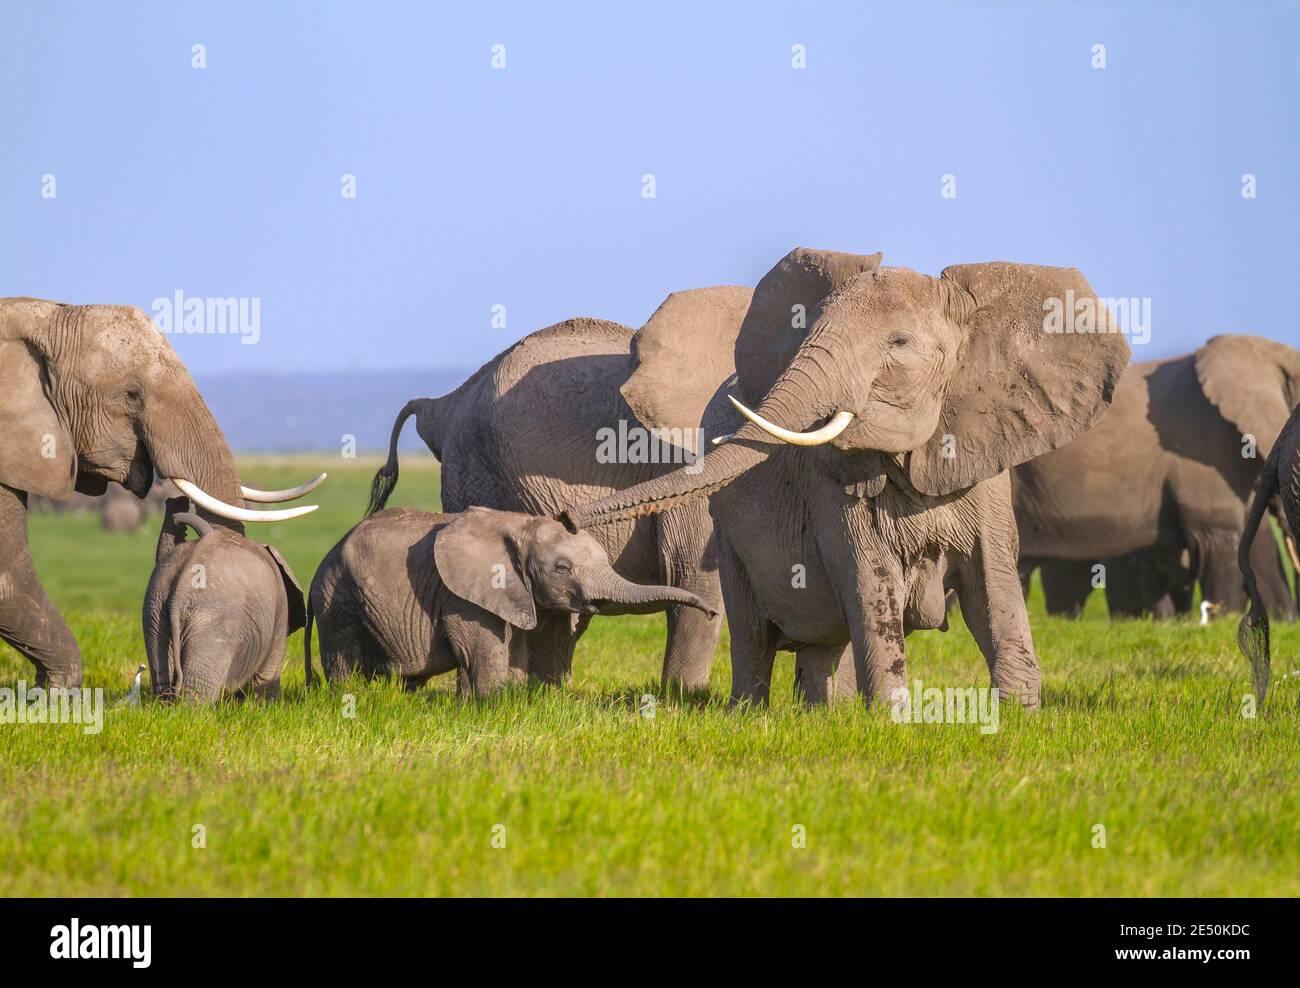 L'éléphant d'Afrique dépasse le tronc pour faire un son de trompette (trompetting) et rabats ses oreilles, copié par le joli petit veau. Parc national d'Amboseli, Kenya Banque D'Images